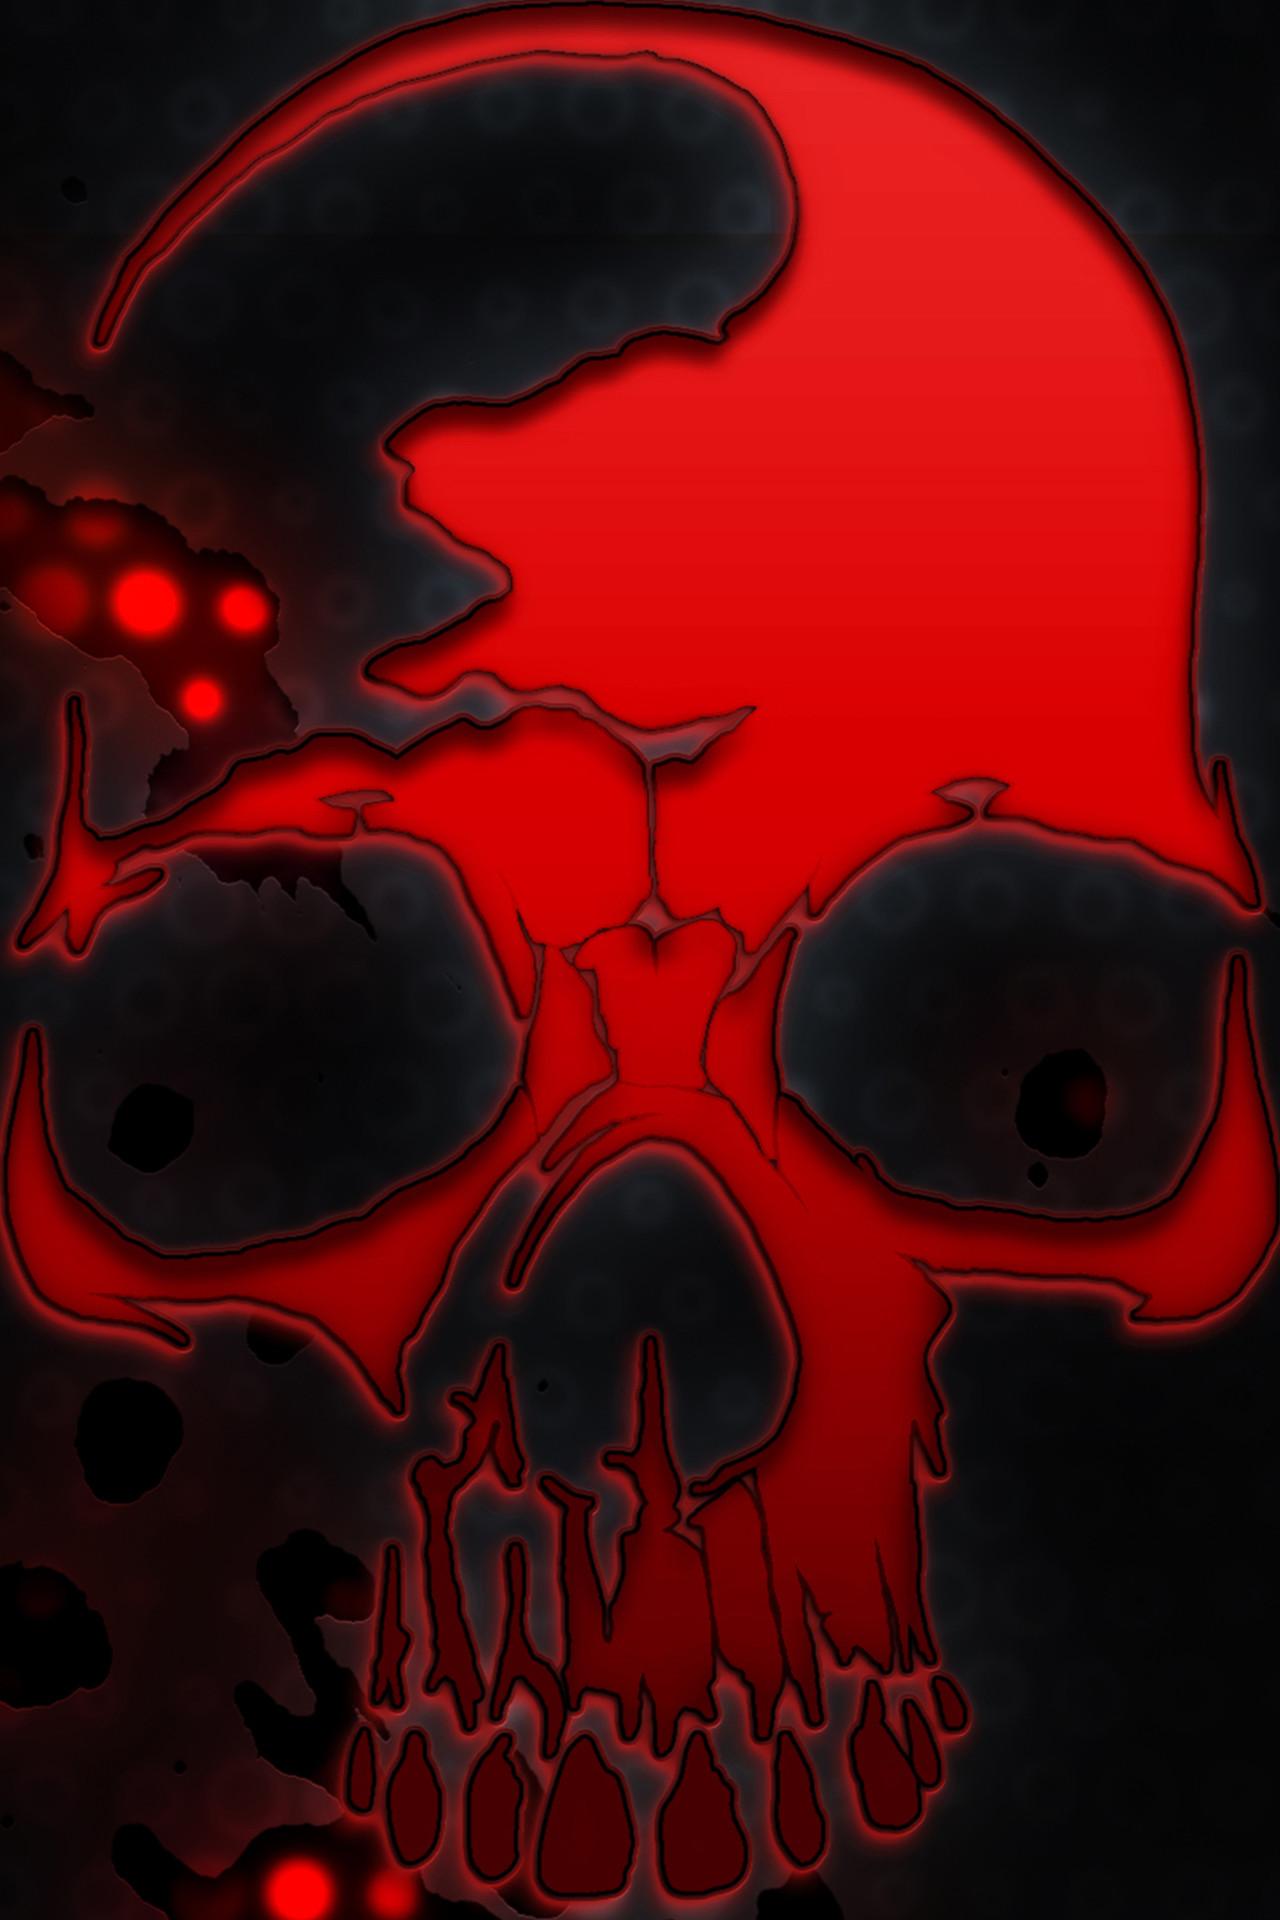 1280x1920 Zombie Skull Wallpaper Hd Style2 28 Jul